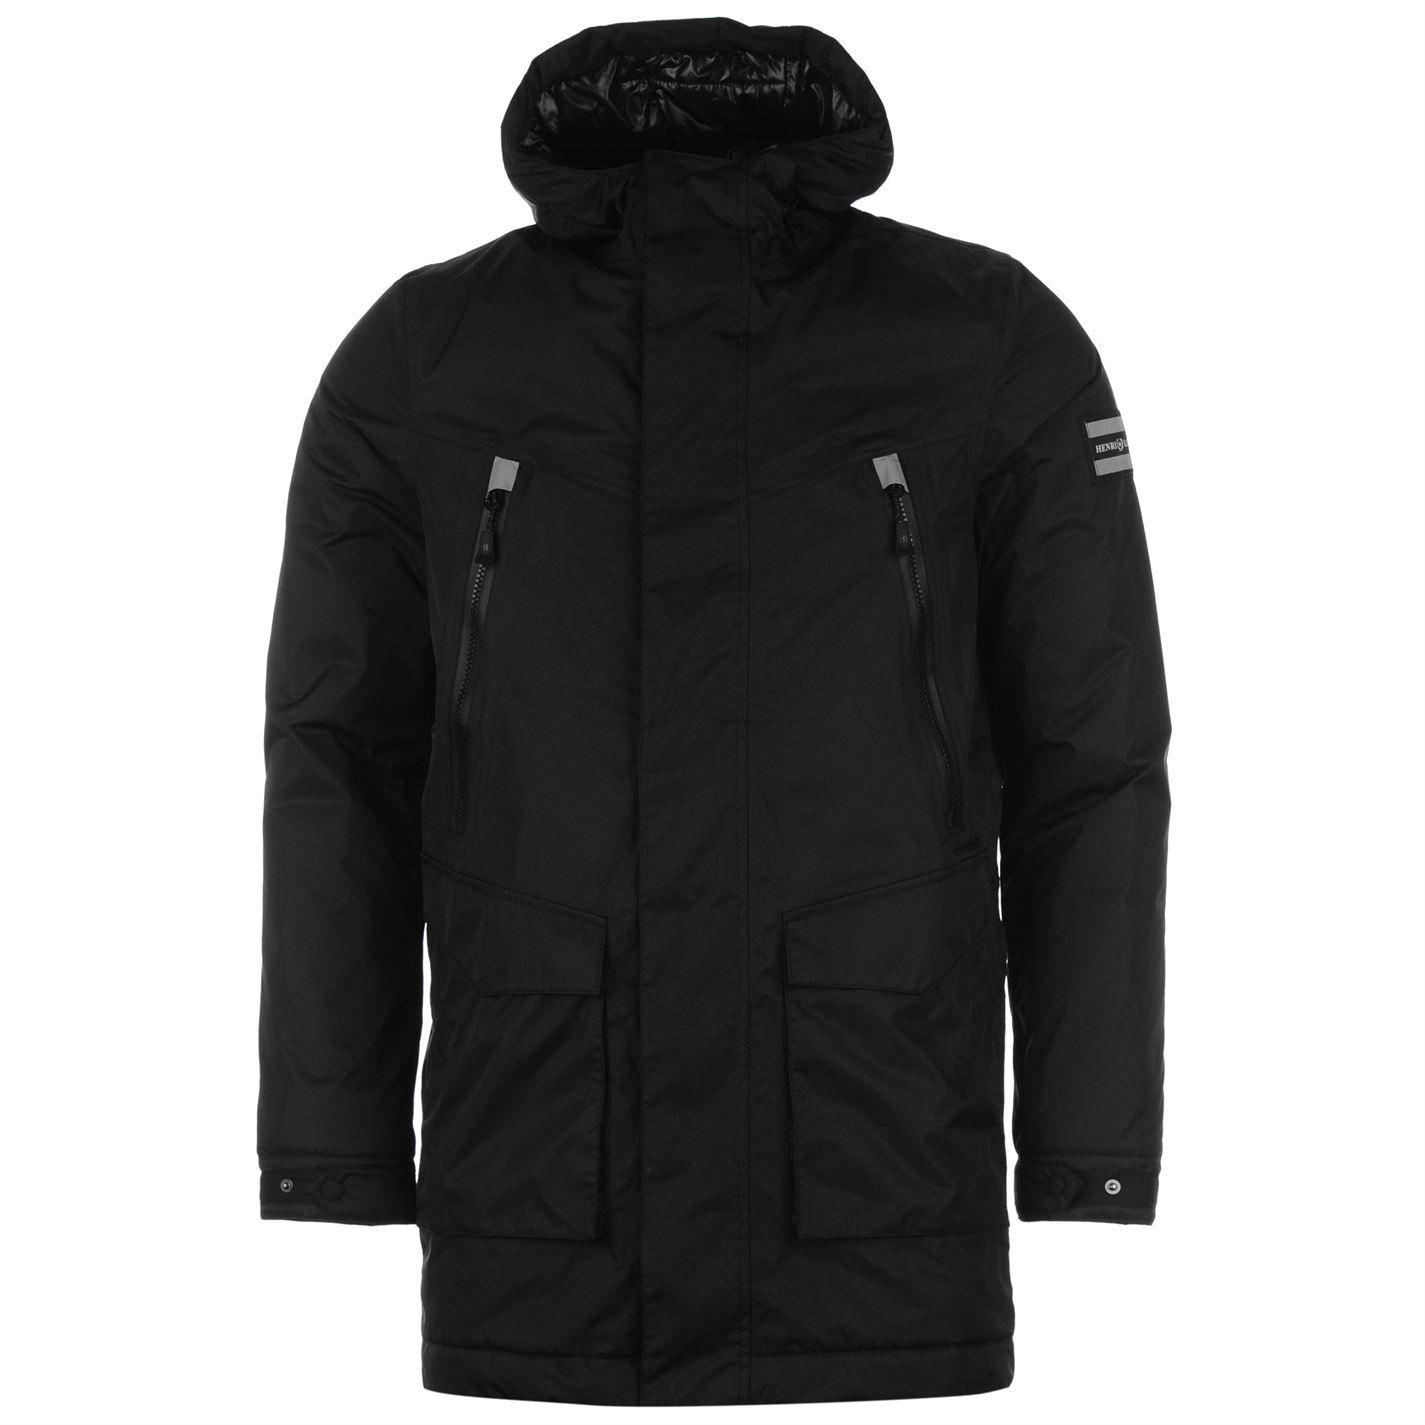 Henri lloyd winter jacket